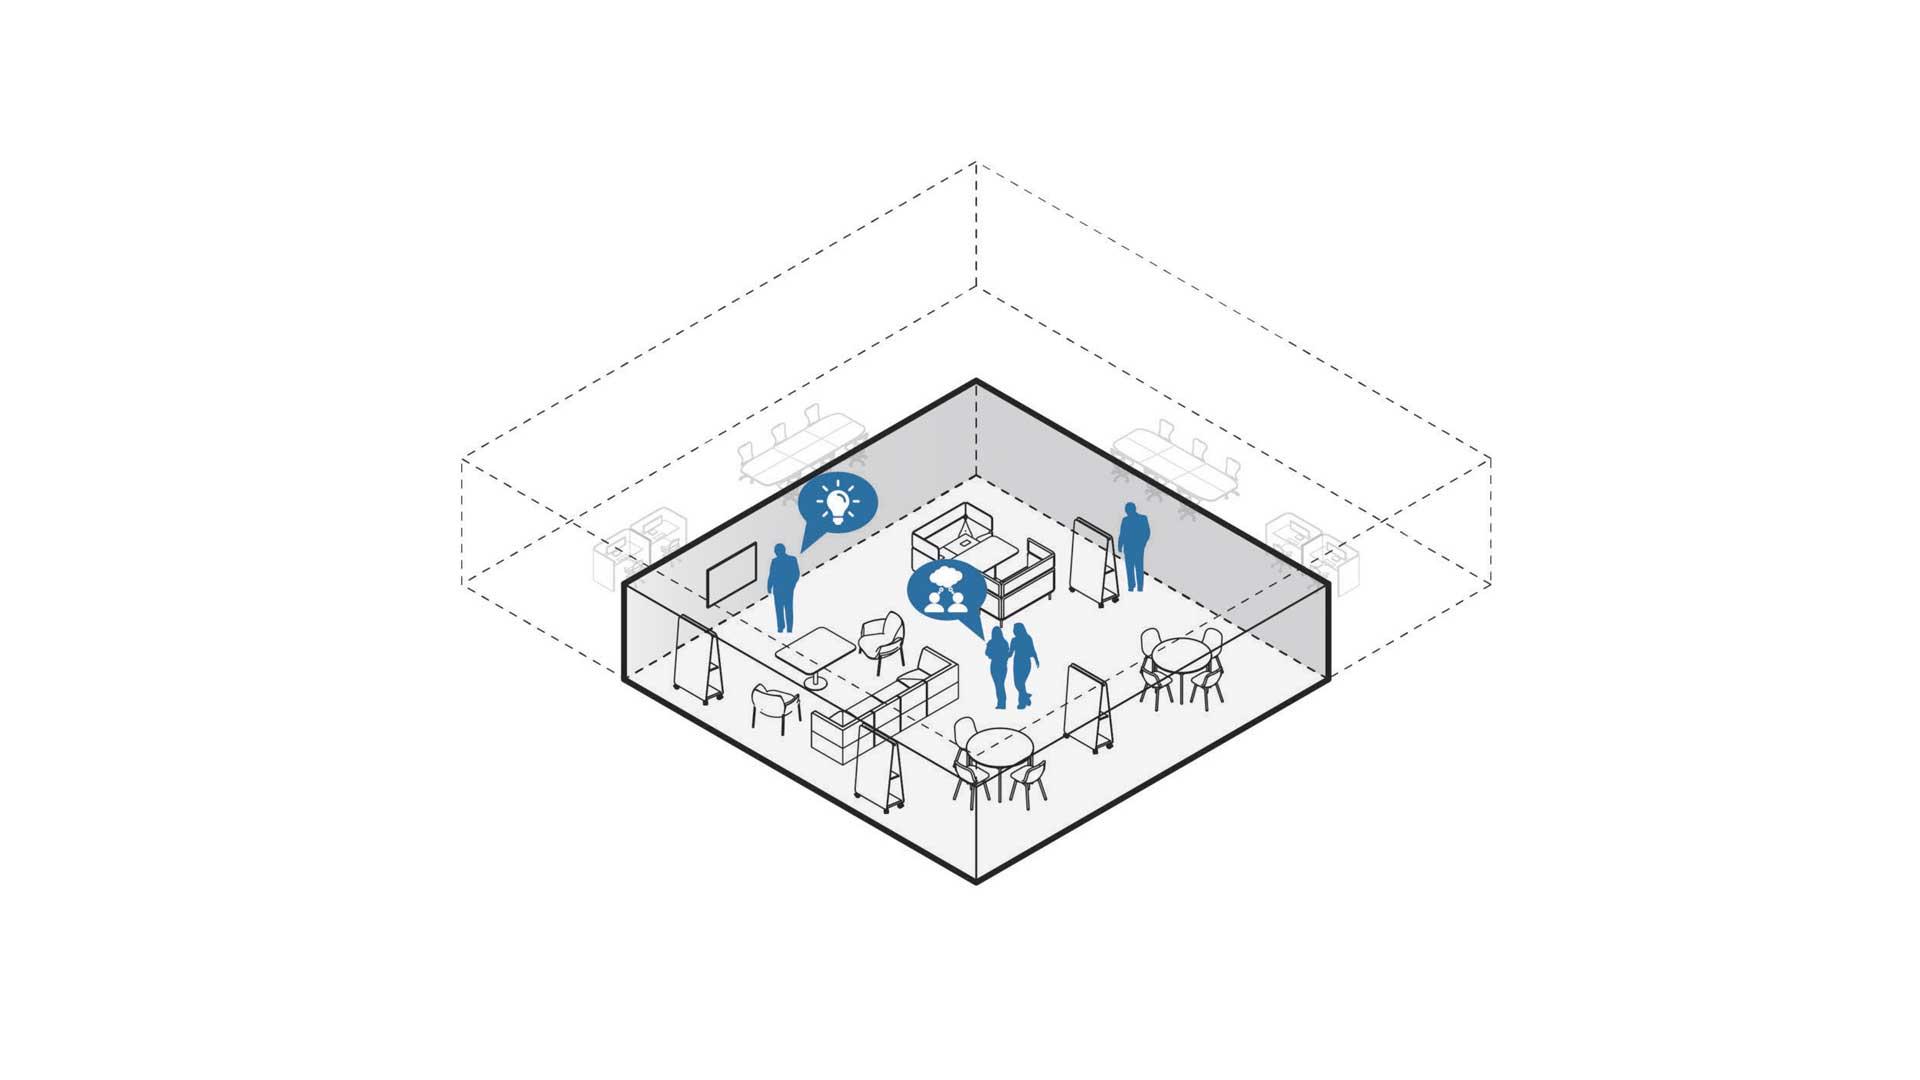 ufficio-del-futuro-4-modelli-Club-Level-Office-Landscape